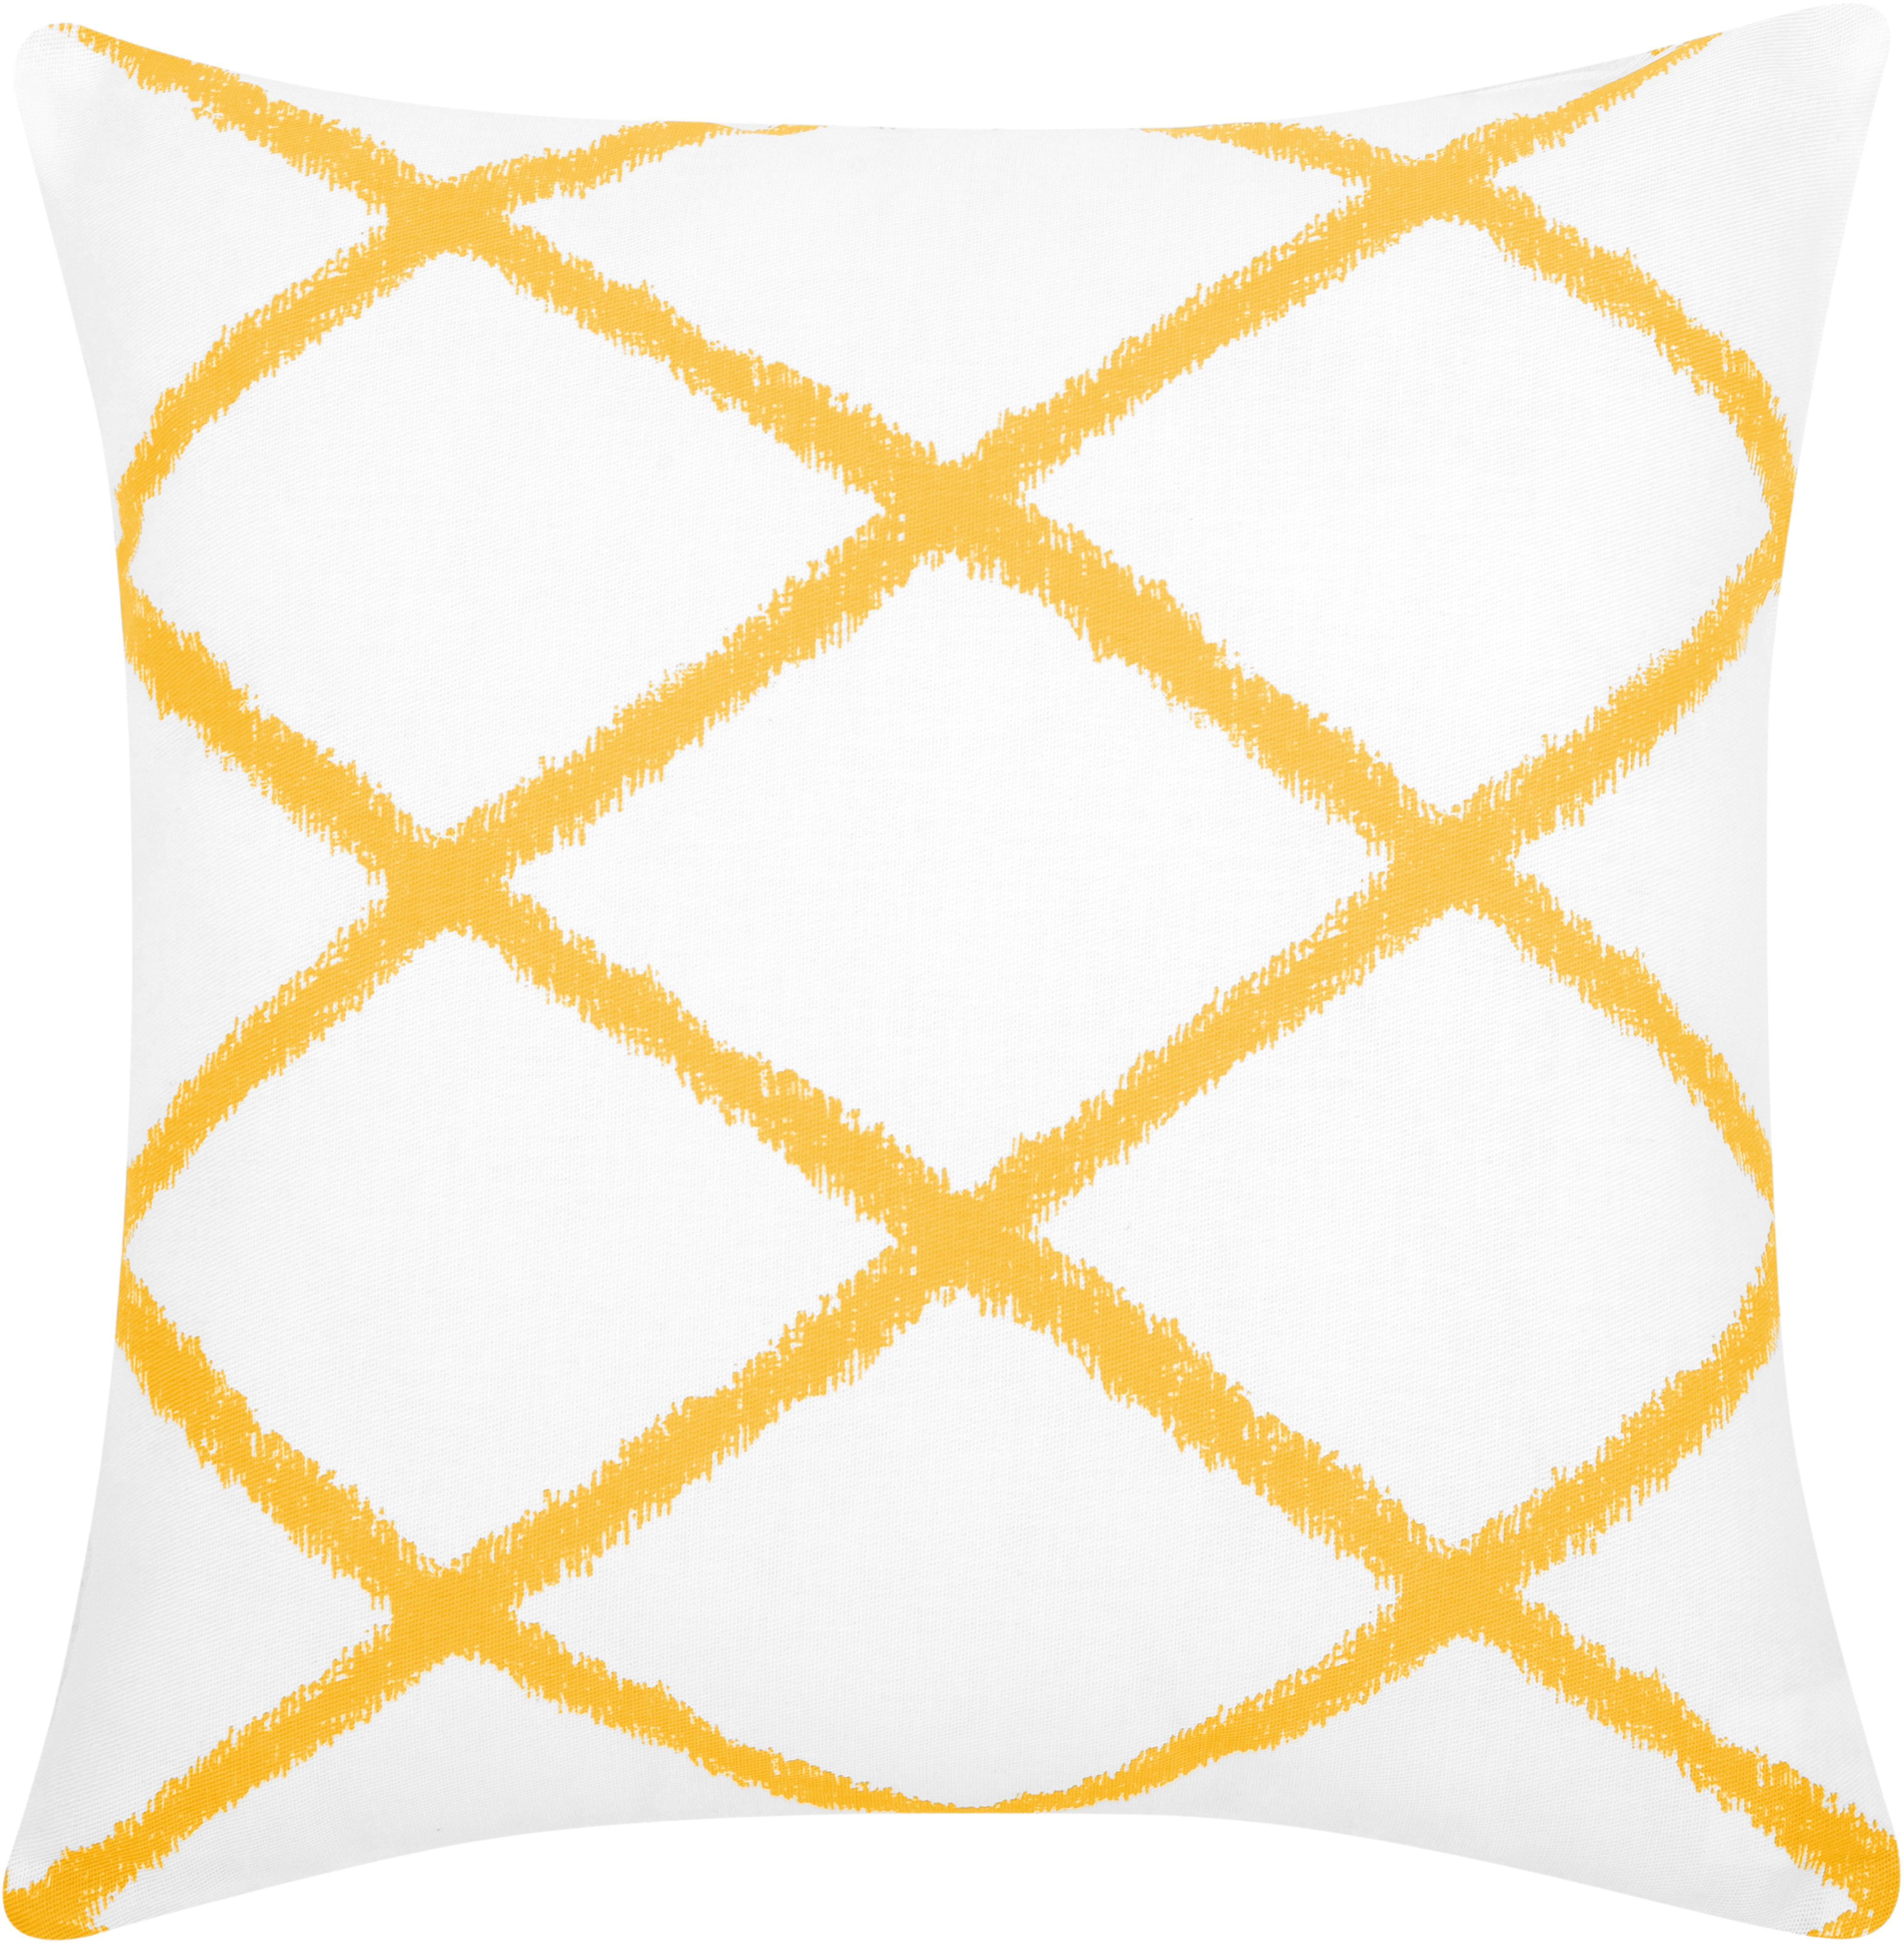 Kissenhülle Laila mit Rautenmuster, Baumwolle, Weiß, Gelb, 45 x 45 cm